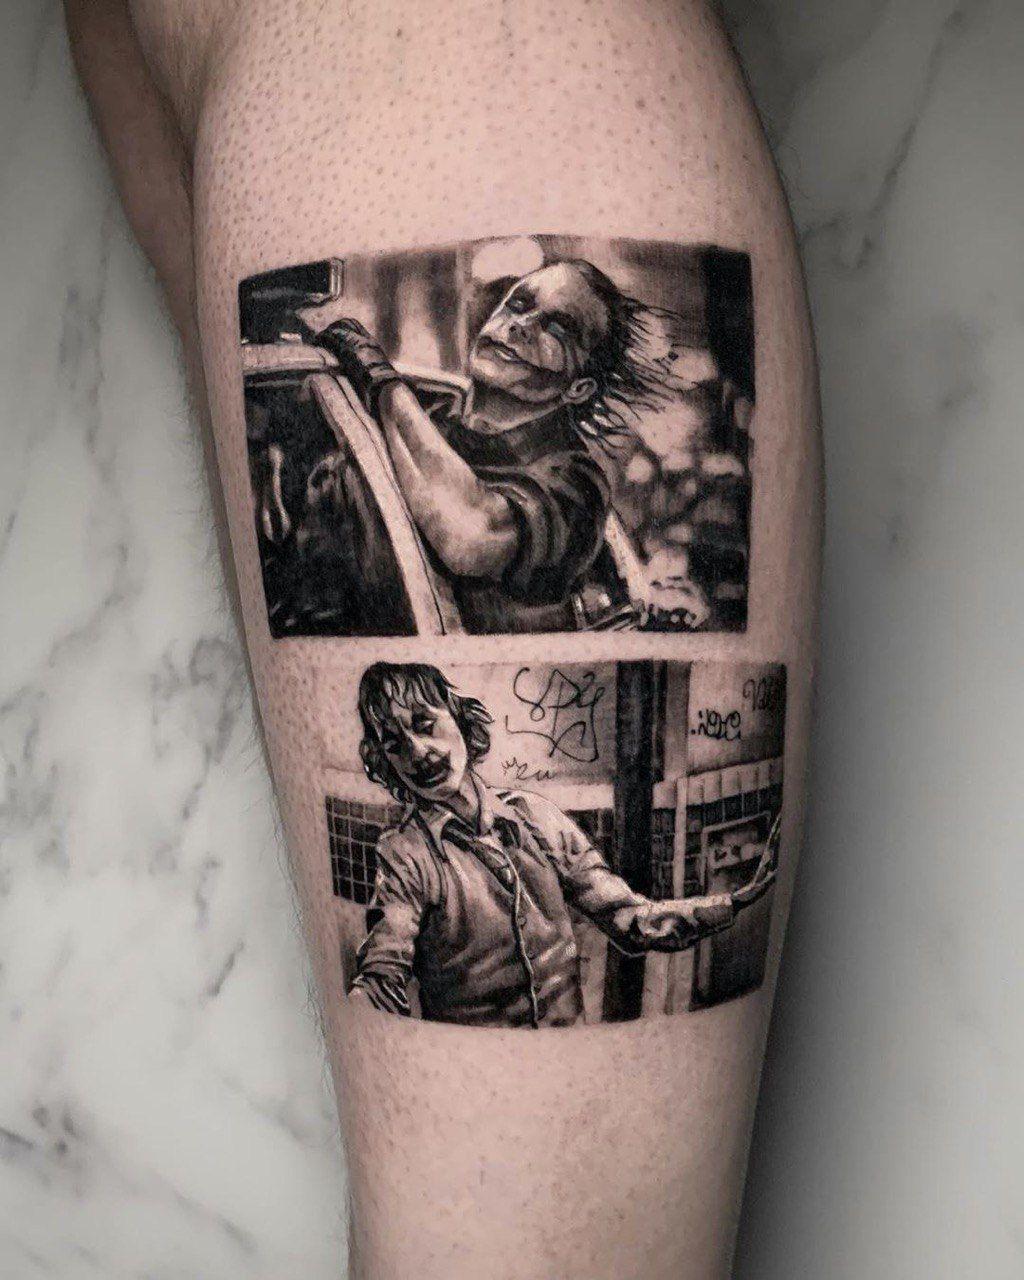 Joker Tattoo By Valentina Valentinaolsen Tattoo From London Uk In 2020 Joker Tattoo Joker Tattoo Design Tattoos